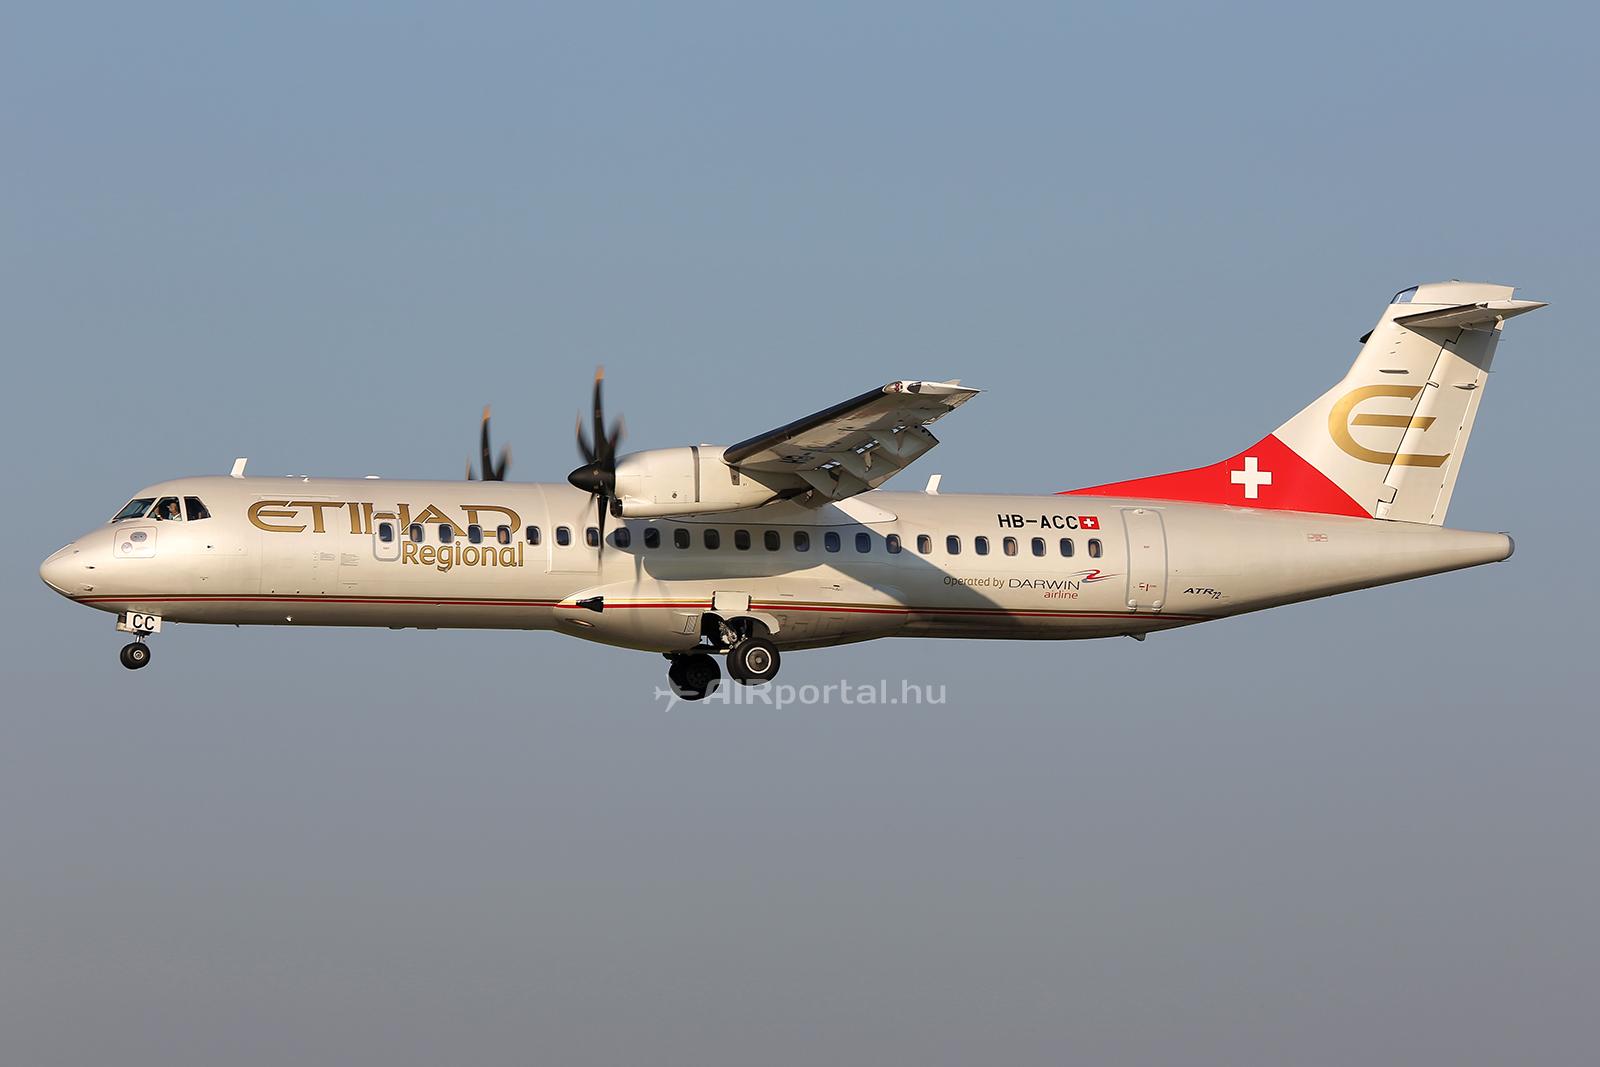 Az Etihad Regional kizárólag turbólégcsavaros repülőgépekből álló flottát üzemeltet. (Fotó: AIRportal.hu) | © AIRportal.hu